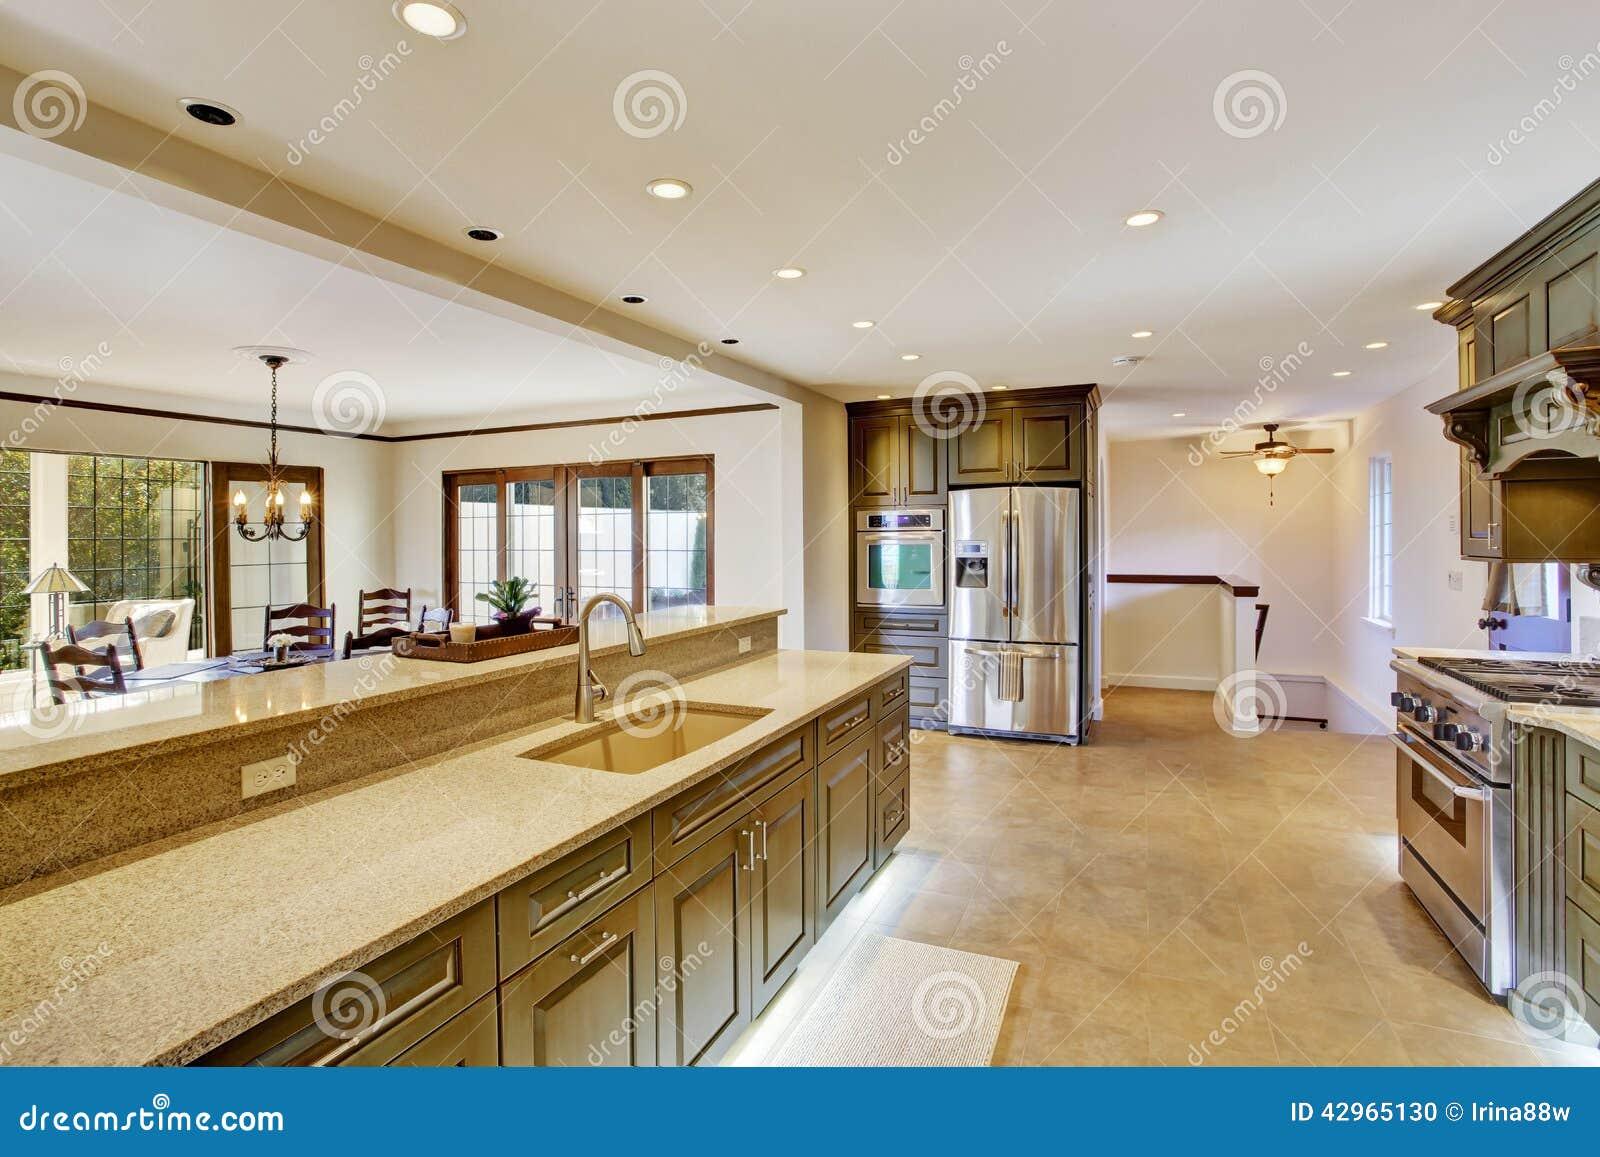 Int rieur kaki de luxe de cuisine avec la salle manger for Salle a manger de luxe en bois